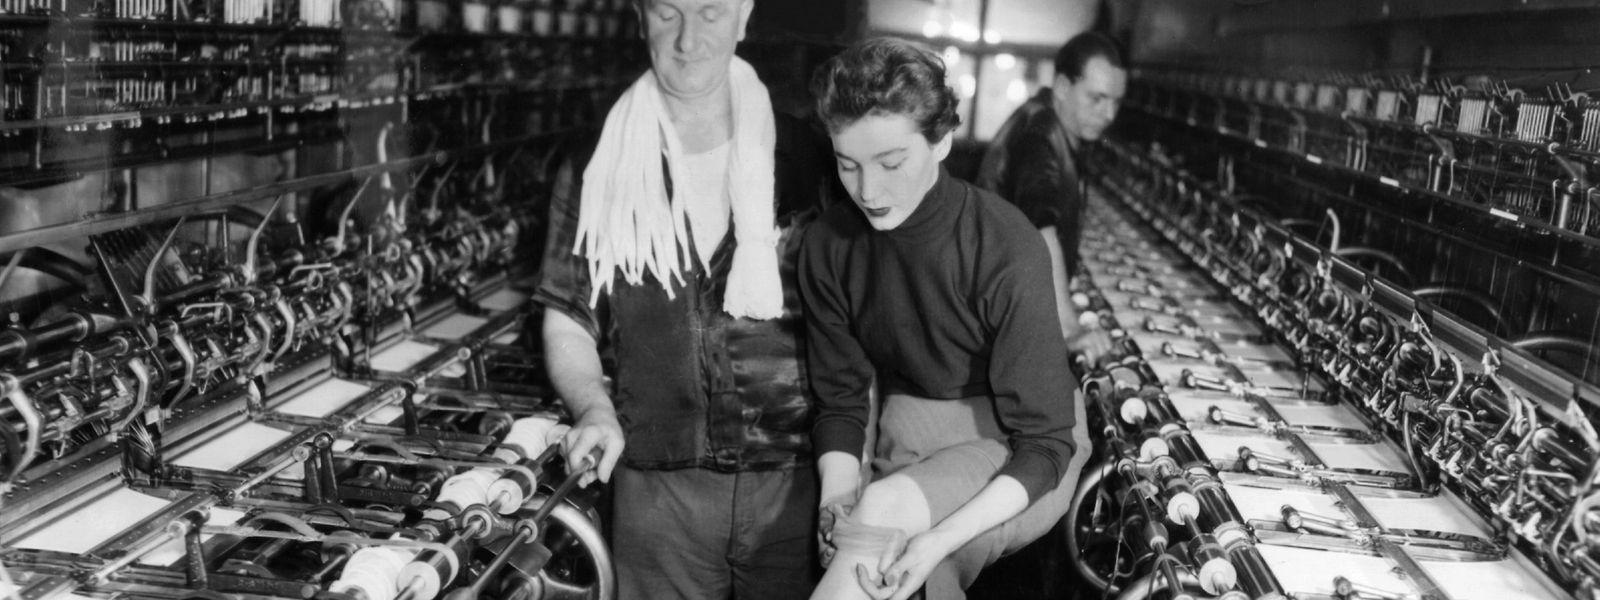 Während die amerikanische Firma DuPont auf der Weltausstellung 1939 in New York ihre neueste Innovation - Nylon - präsentierte, wurde bei der IG Farben in Deutschland eine nahezu identische Faser - Perlon - entwickelt.